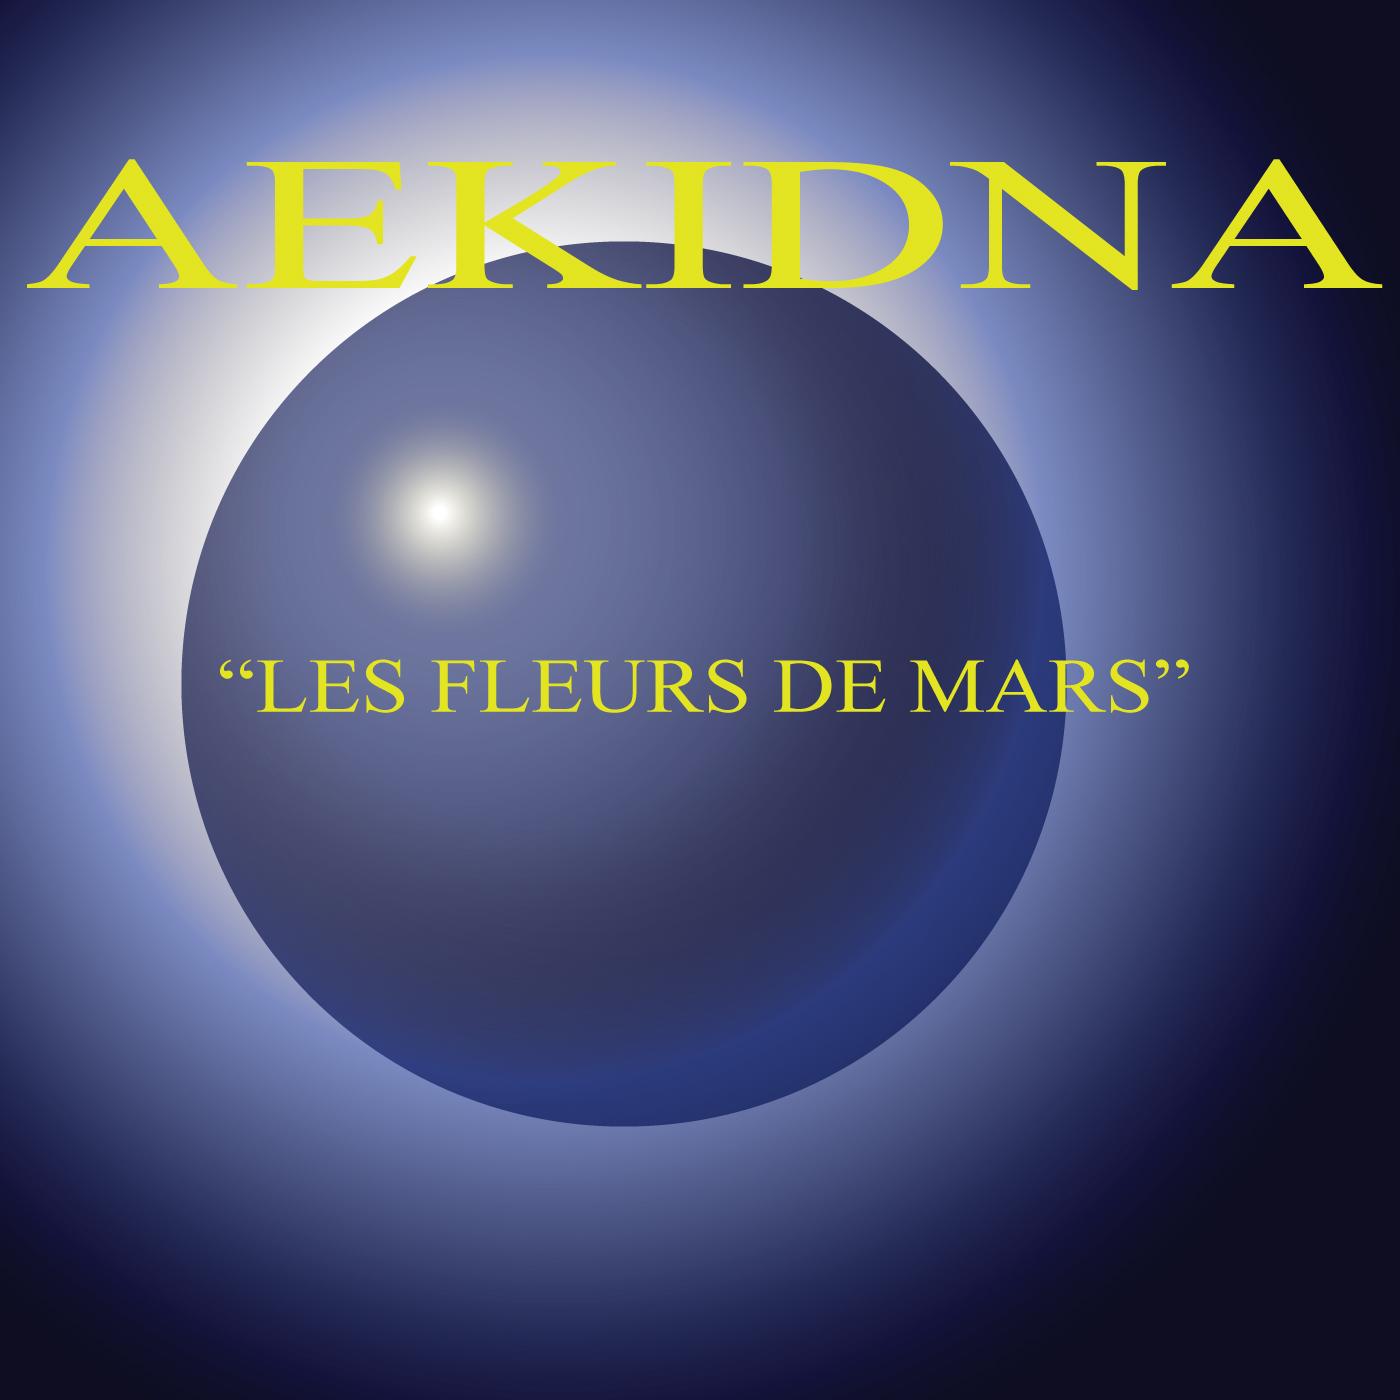 Aekidna - Les fleurs de mars